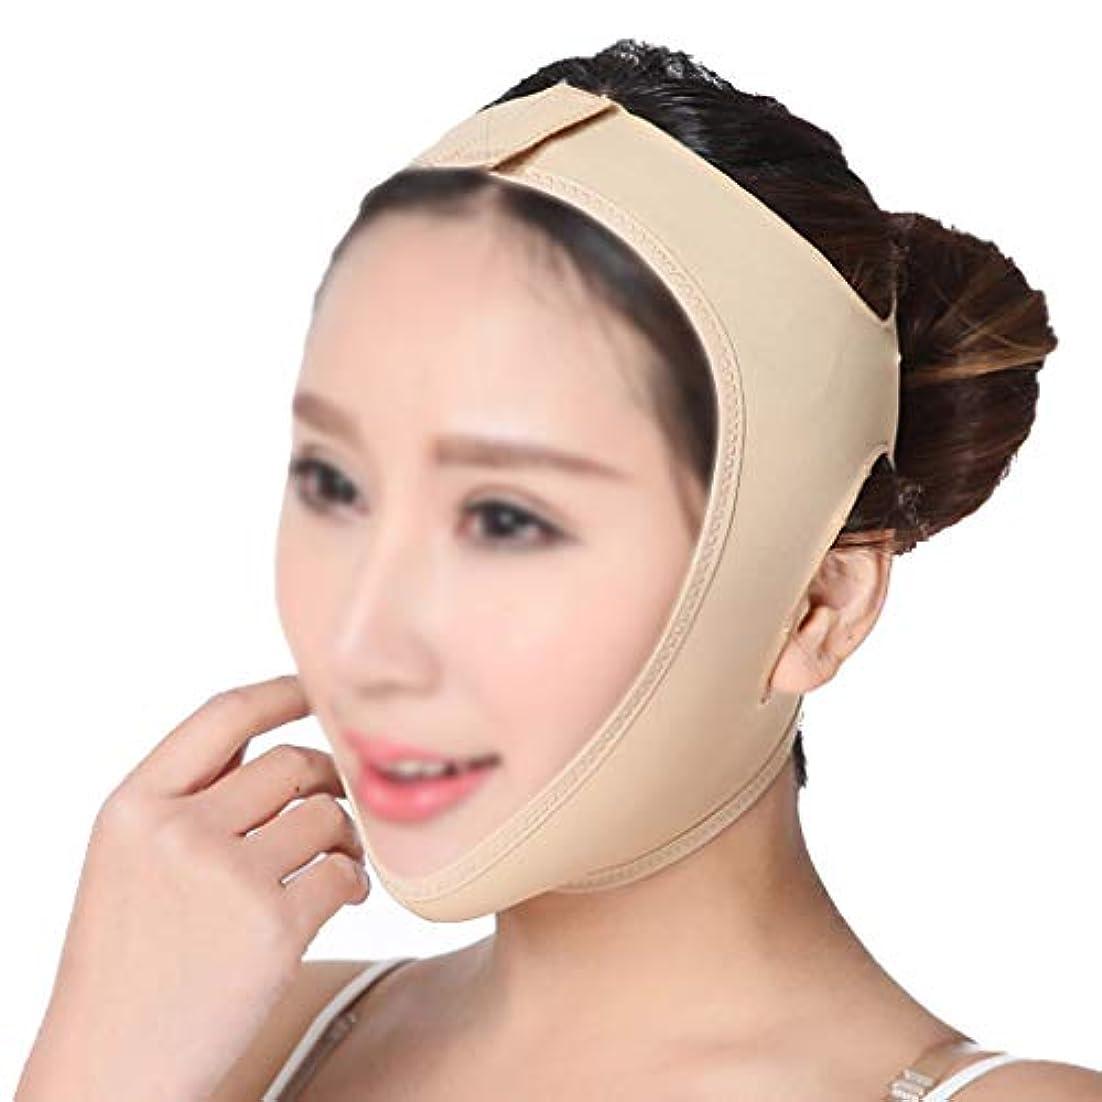 密度移動不機嫌薄い顔包帯顔スリム二重あごを取り除くVラインの顔の形を作成するあごの頬リフトアップ抗しわを持ち上げるベルトフェイスマッサージツール (Size : S)